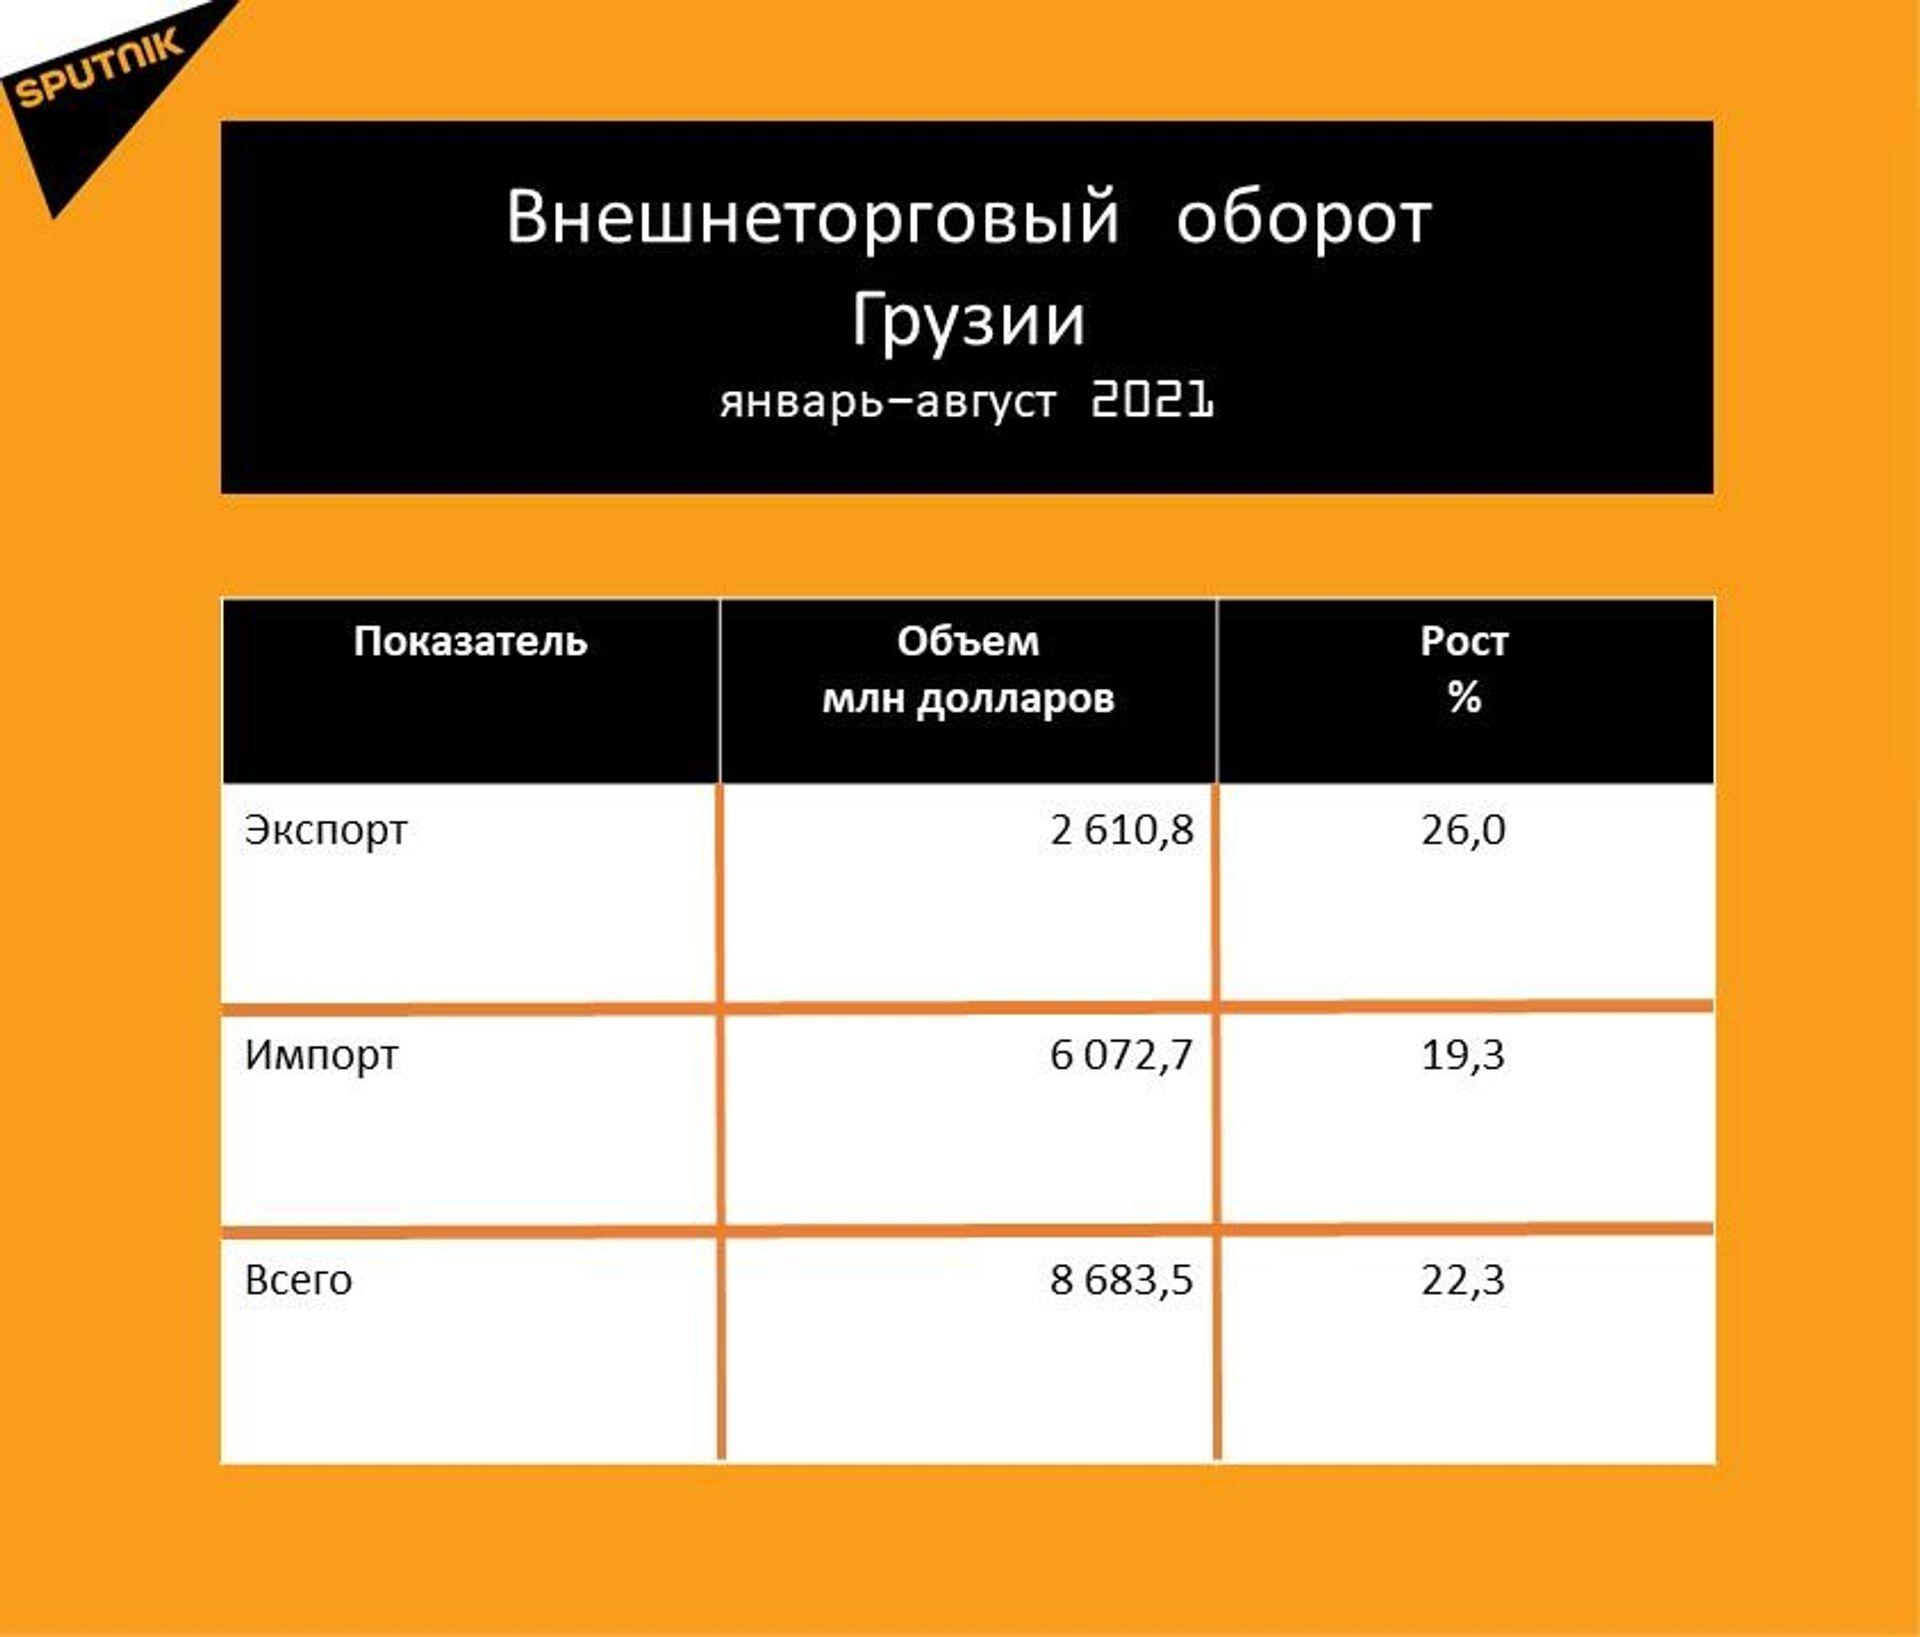 Статистика внешнеторгового оборота Грузии за январь-август 2021 года - Sputnik Грузия, 1920, 20.09.2021